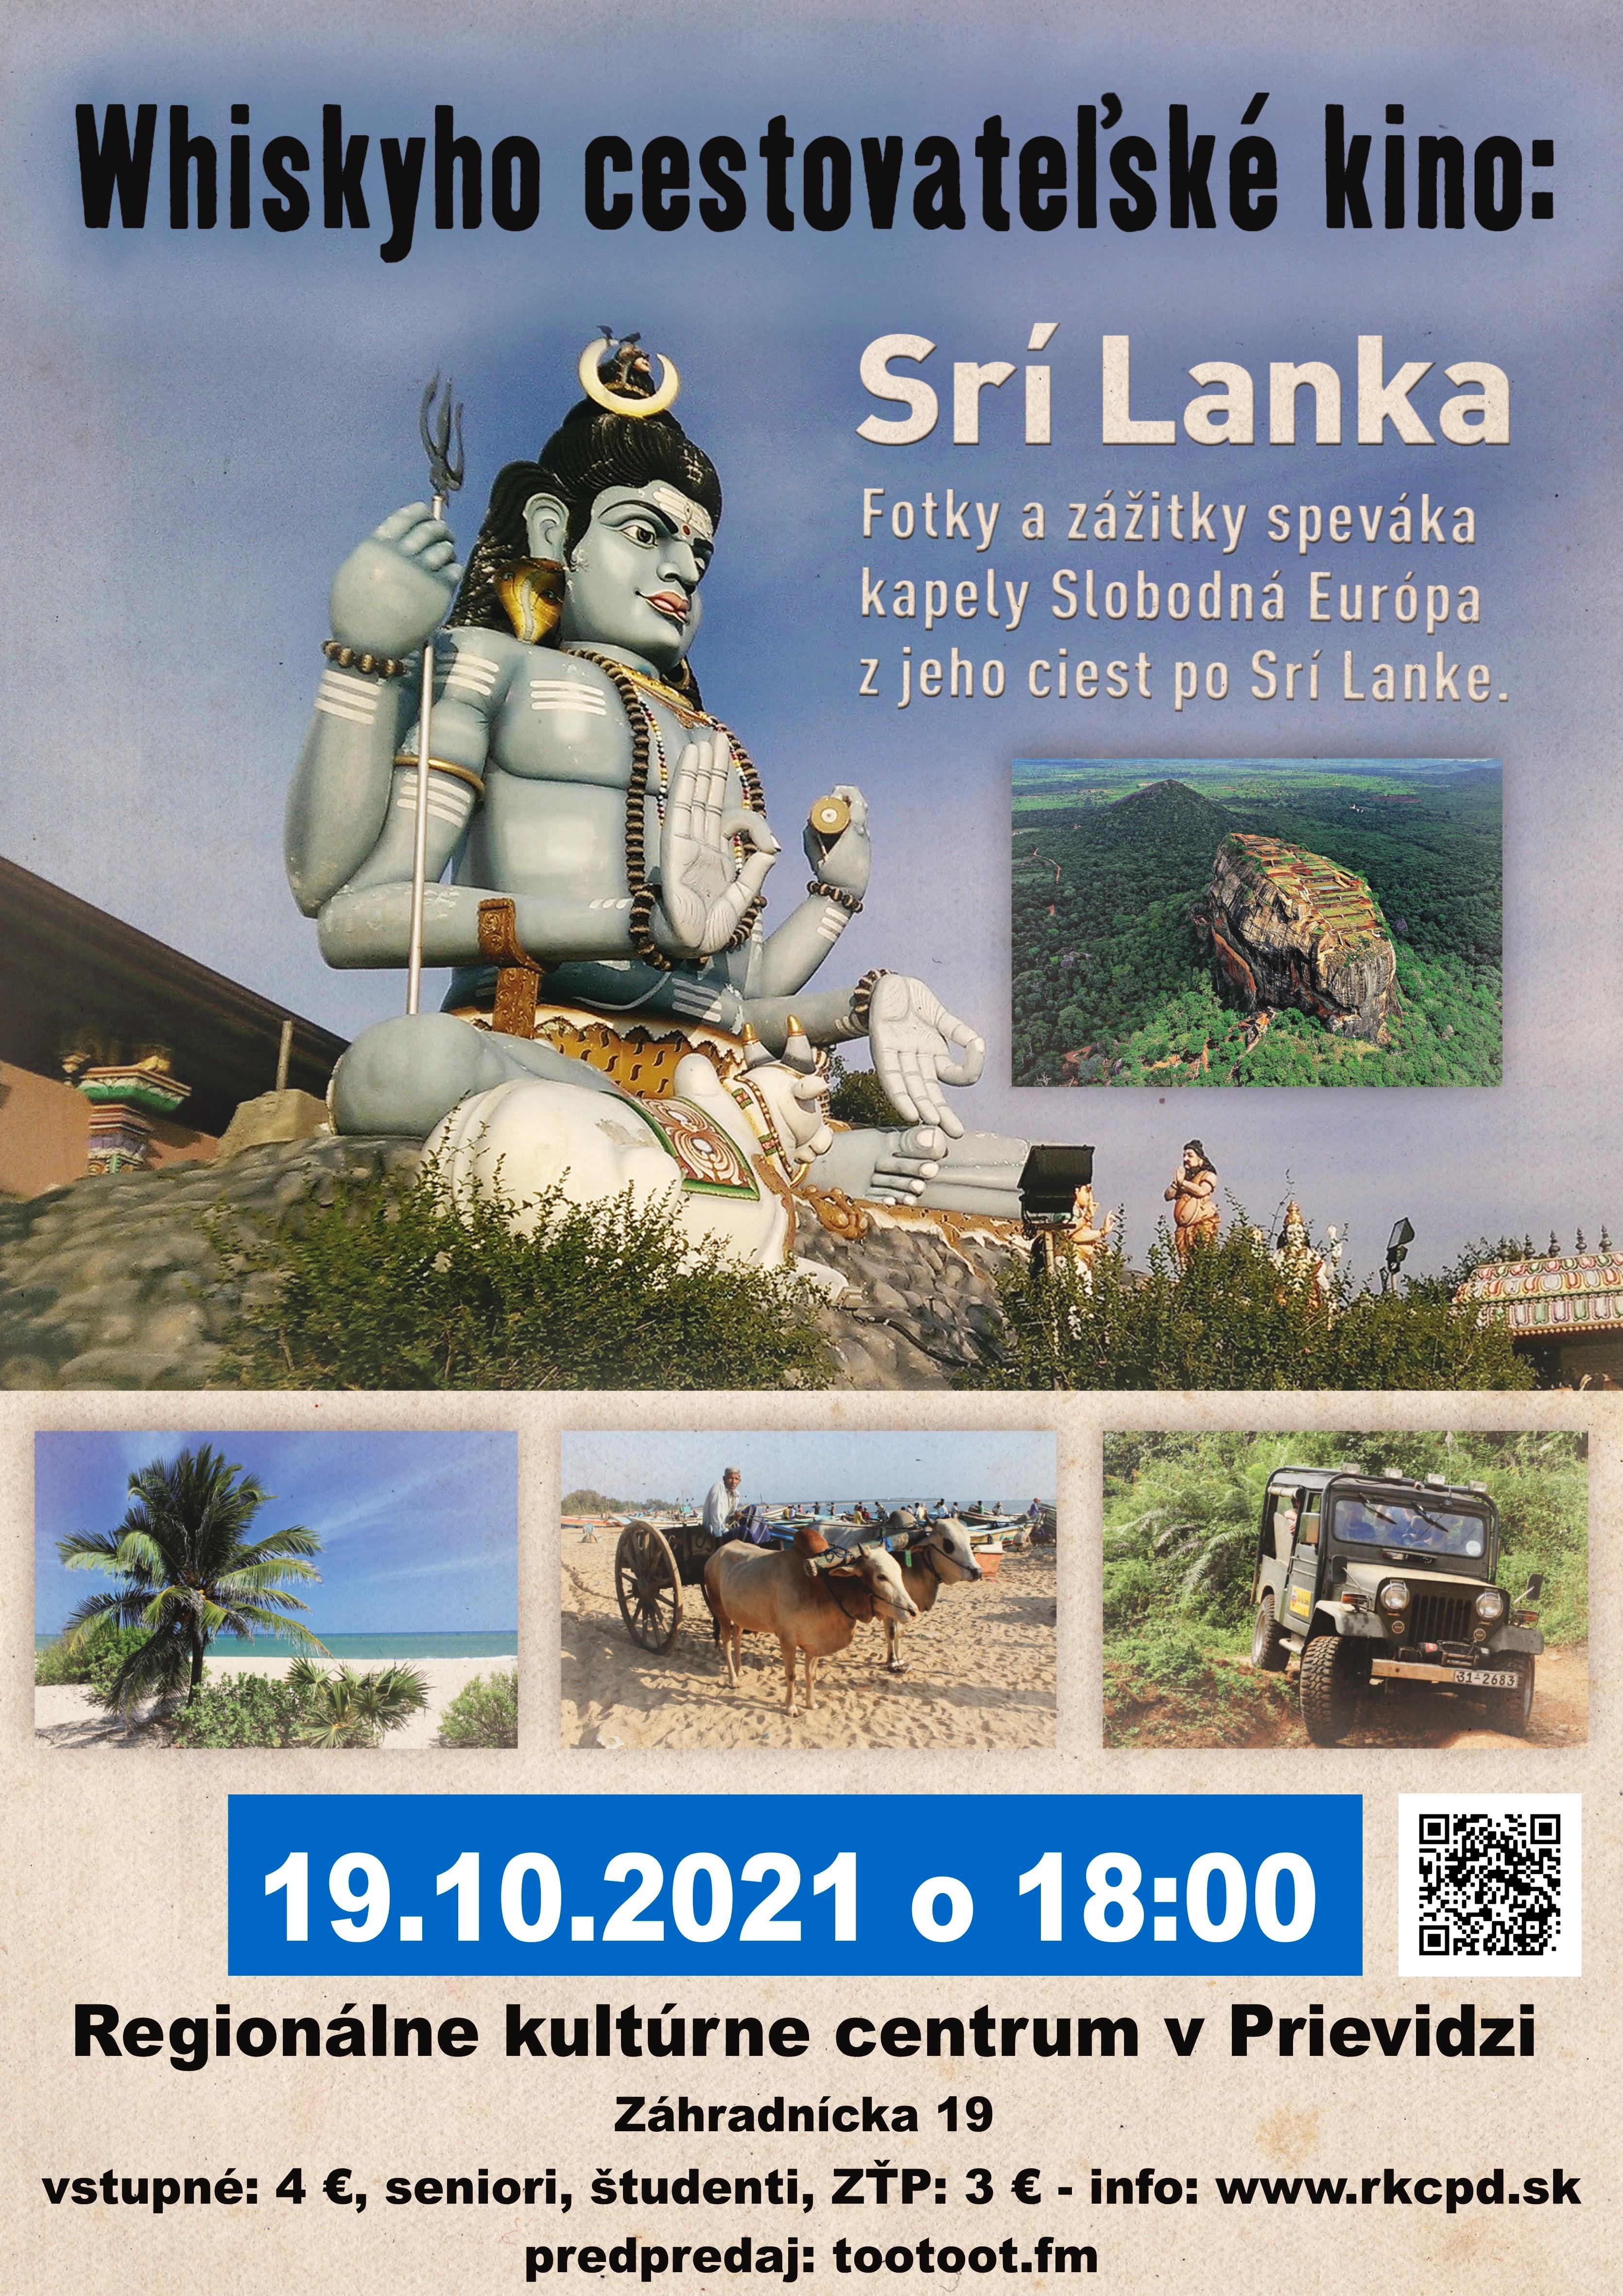 Whiskyho cestovateľské kino: Srí Lanka